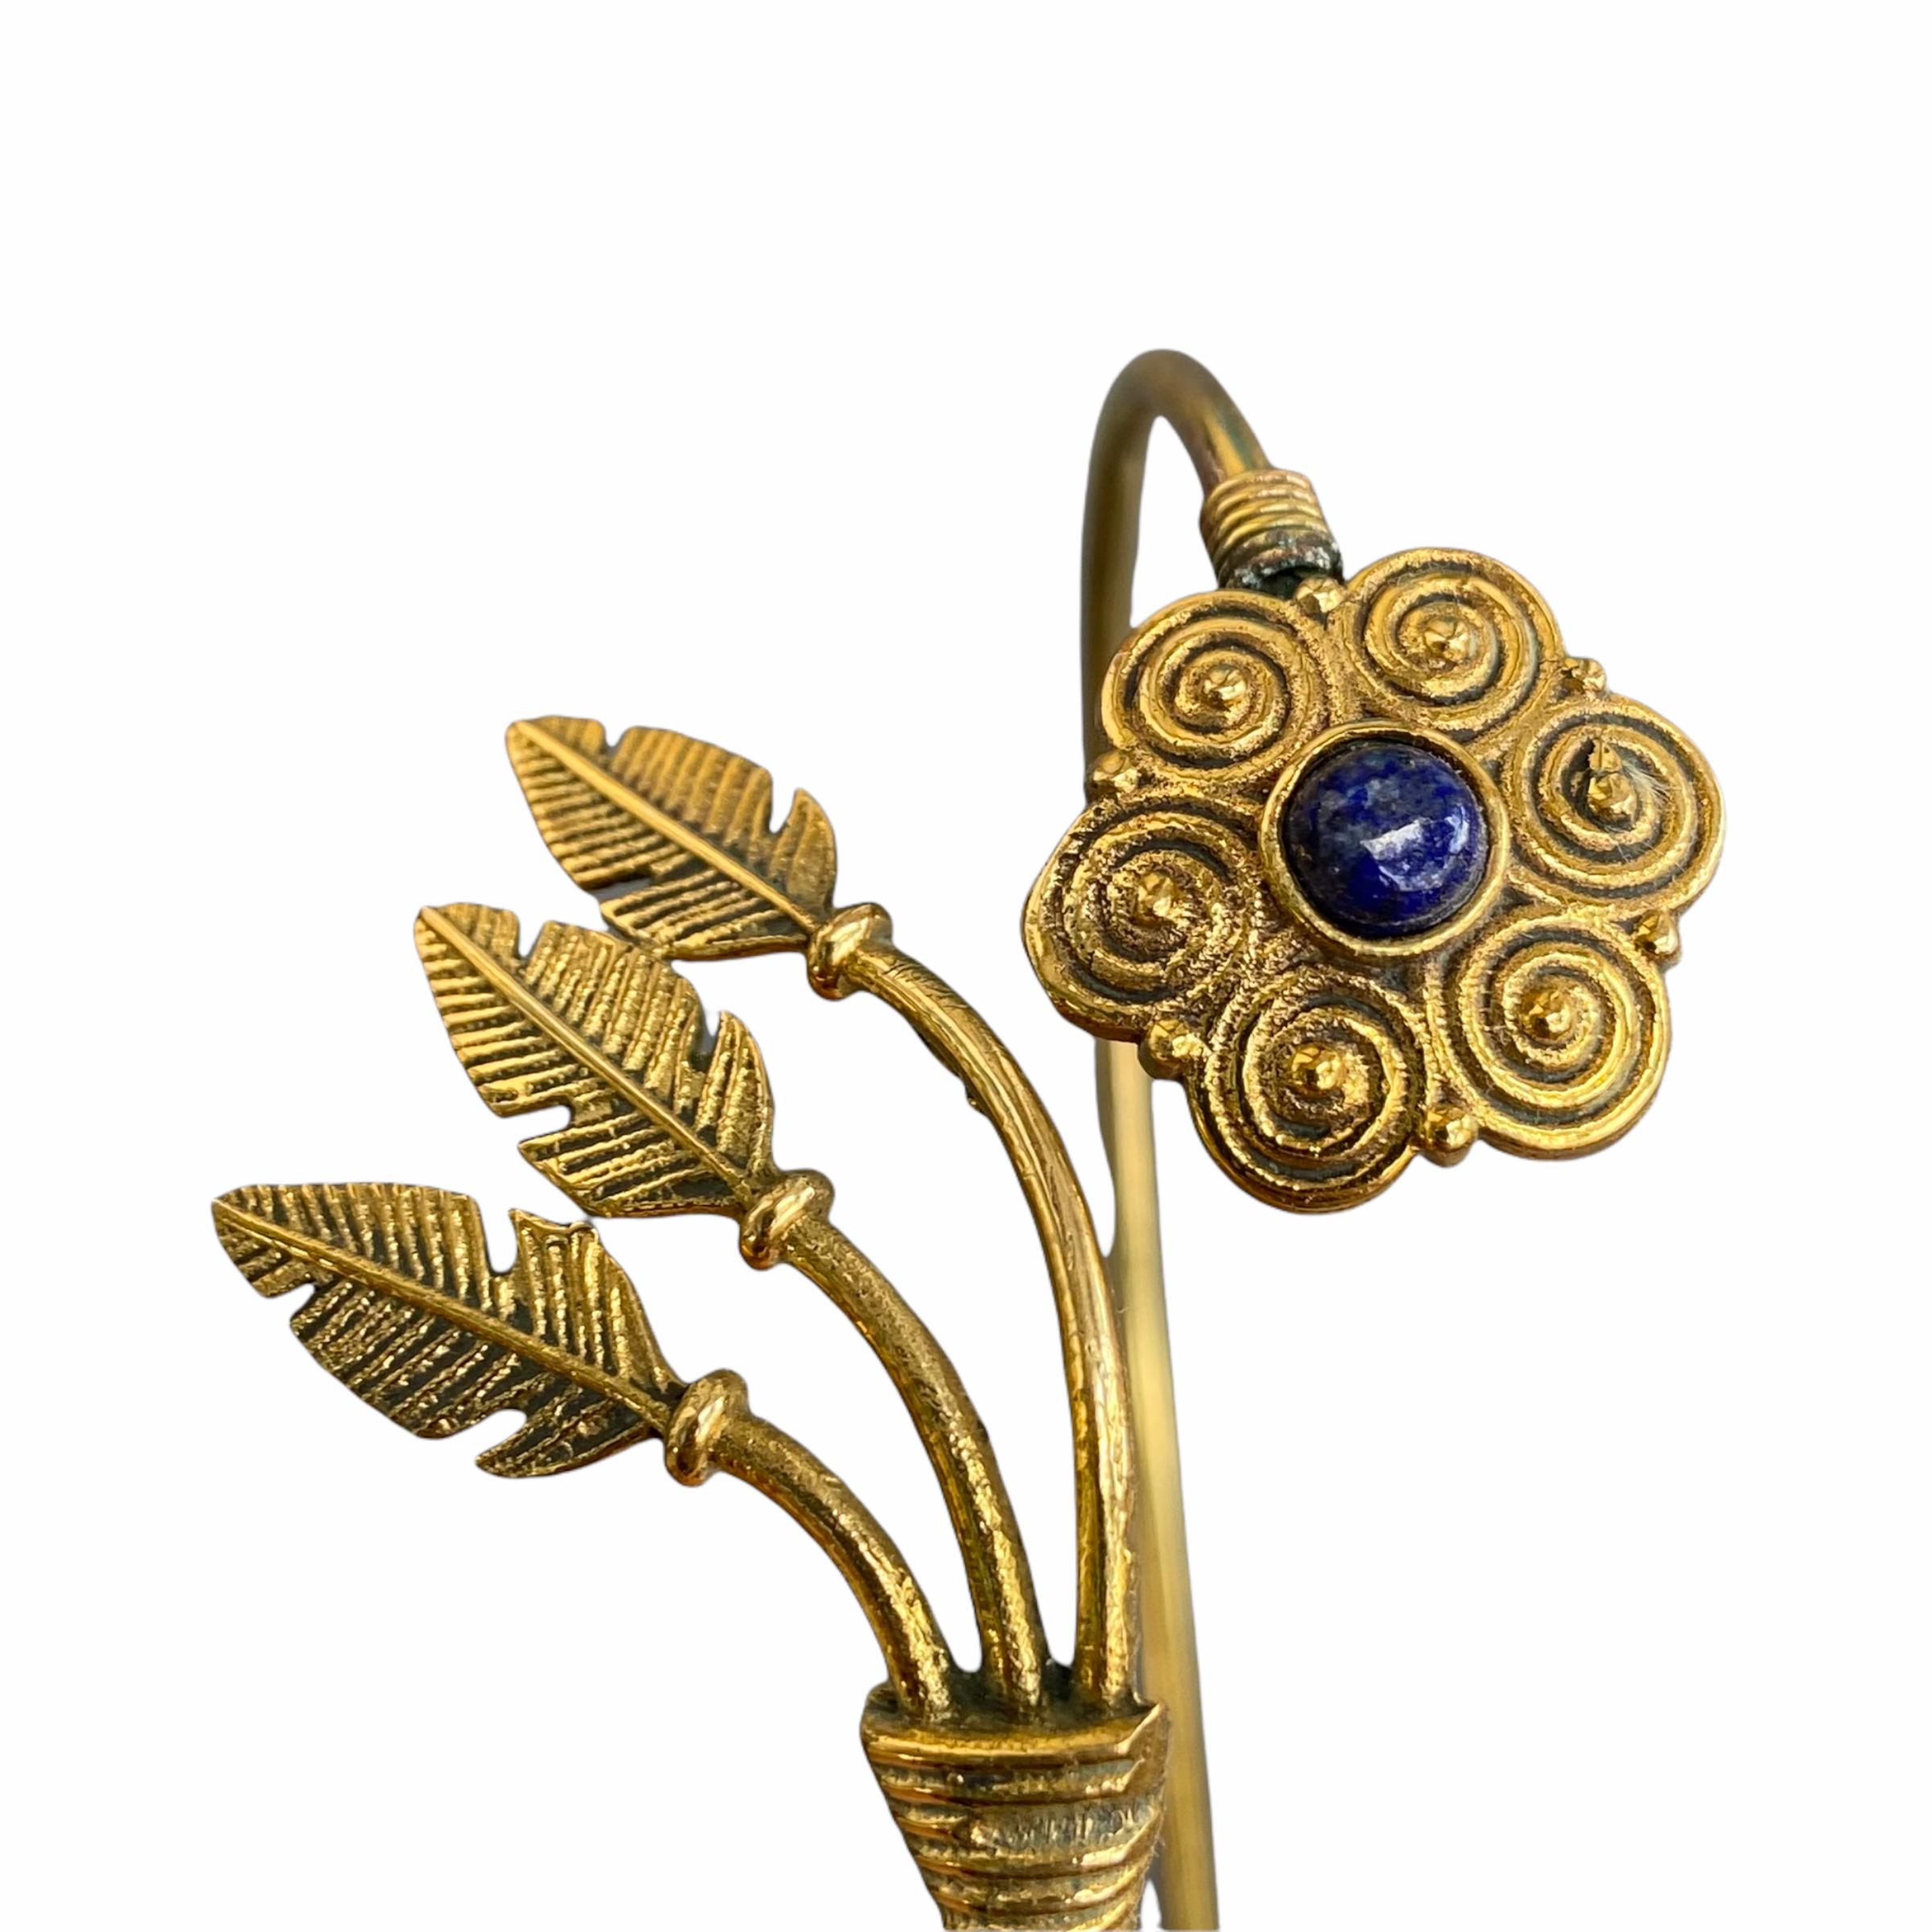 Βραχιόλι Χειροποίητο Λουλούδι Με Λάπις Λάζουλι Σε Χρυσό Χρώμα